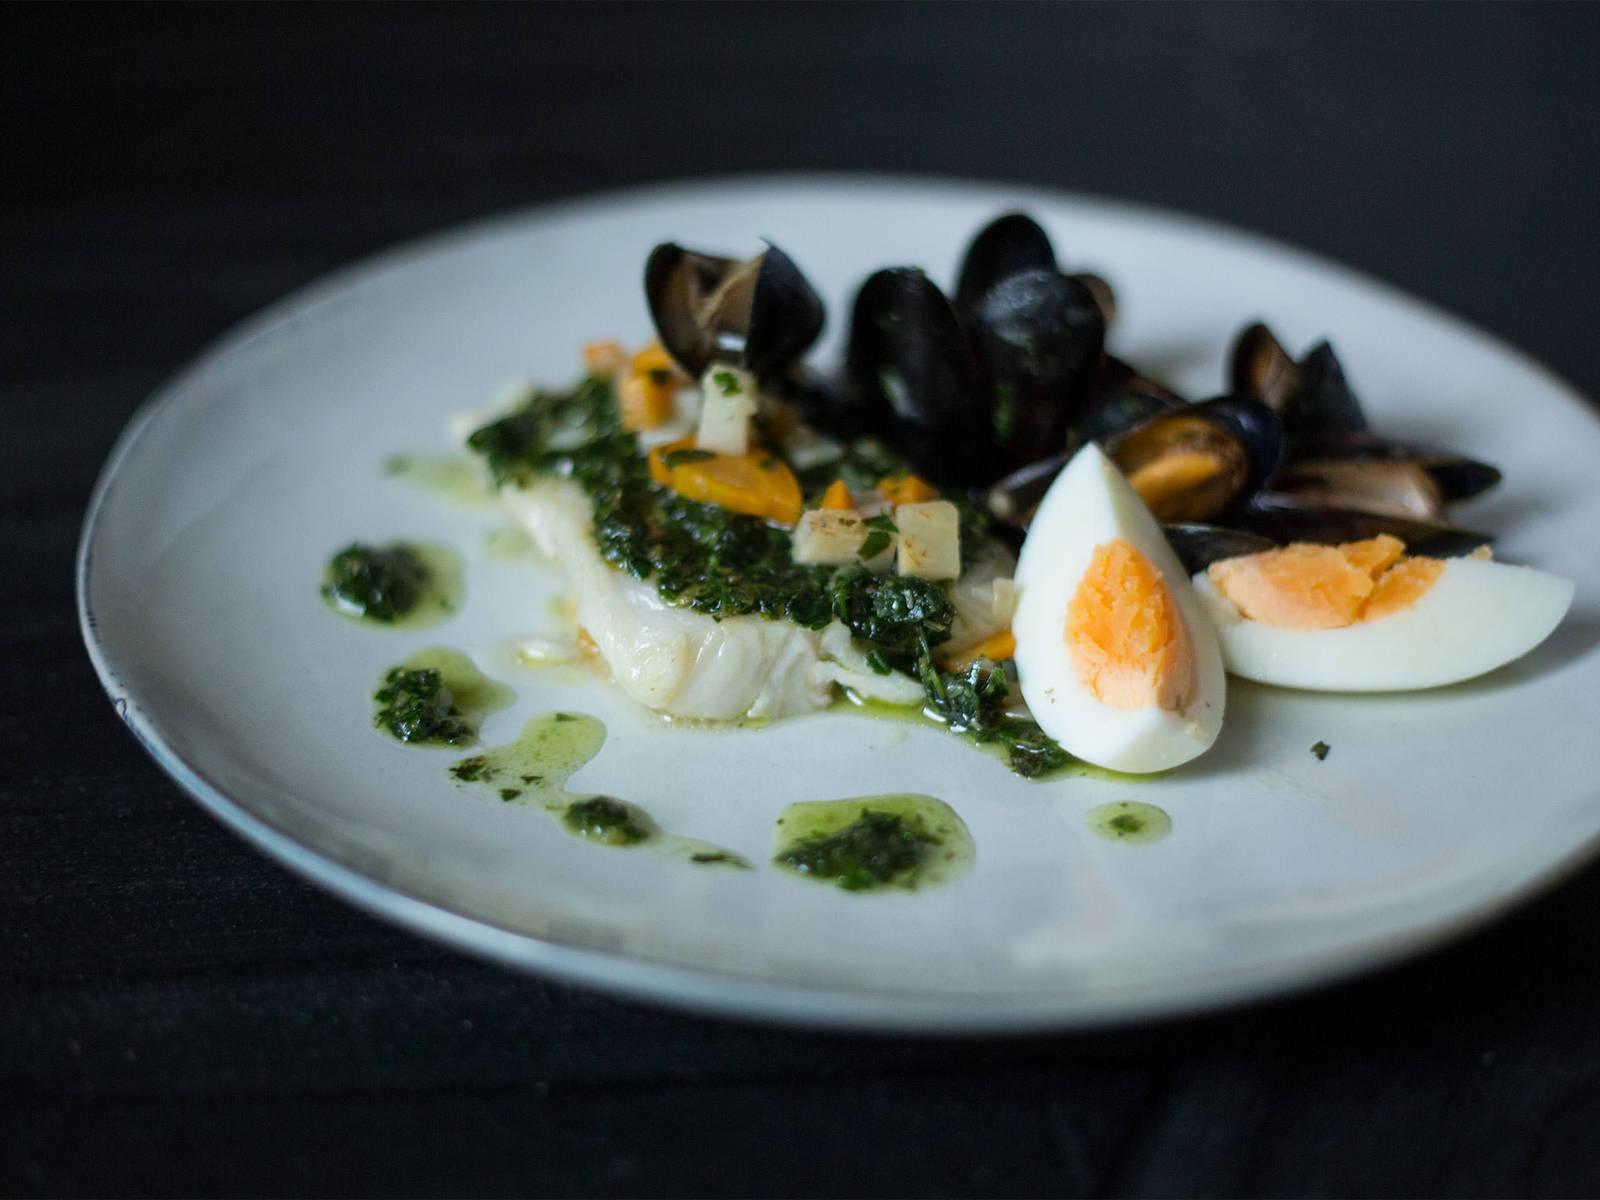 在鳕鱼煮熟前一小段时间,将贻贝放回锅中加热。上菜时,倒上欧芹酱,将鸡蛋切成四份,摆在鳕鱼周边。尽情享用吧!